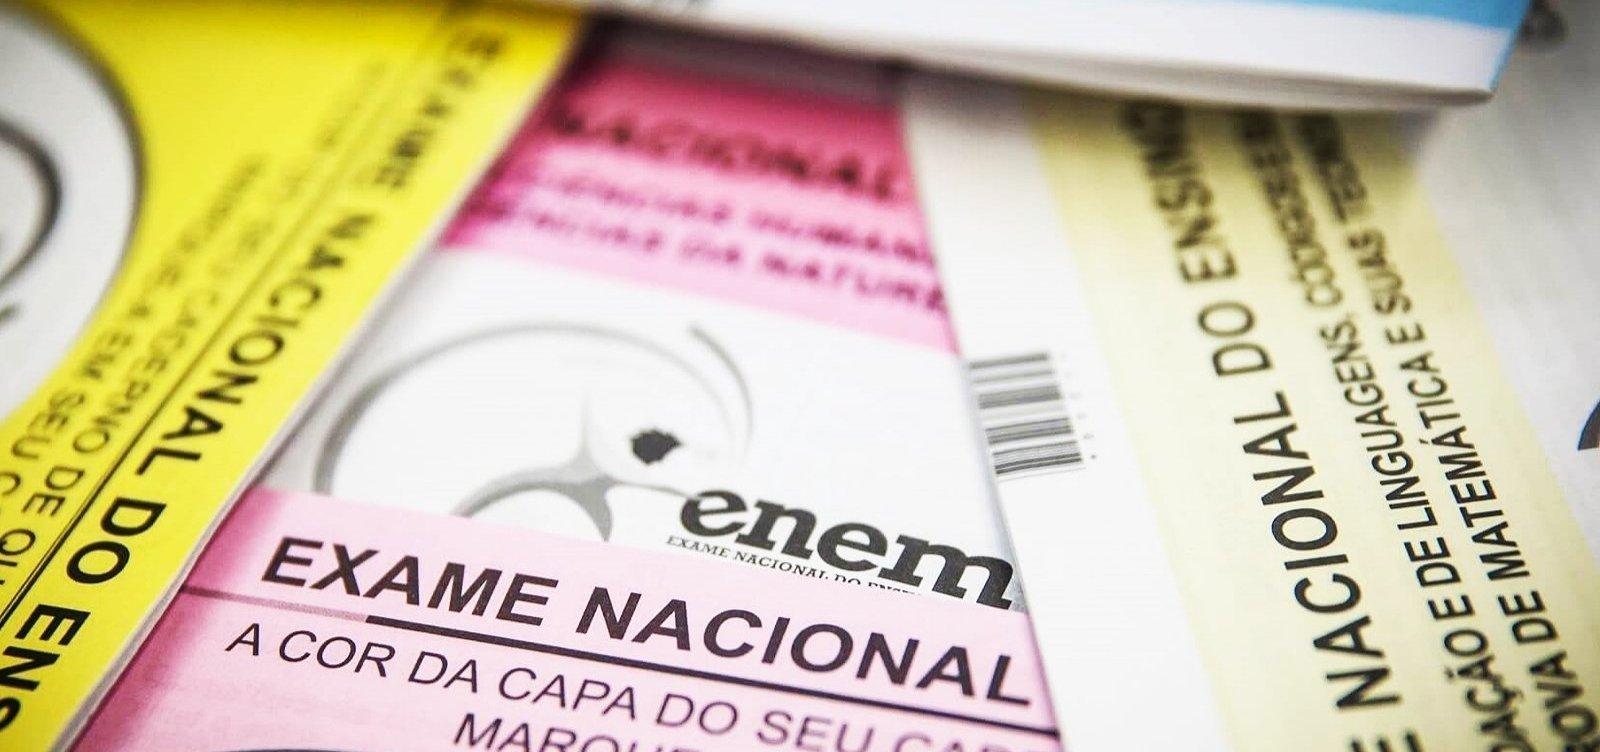 Inep divulga resultados dos pedidos de reaplicação do Enem impresso nesta sexta-feira